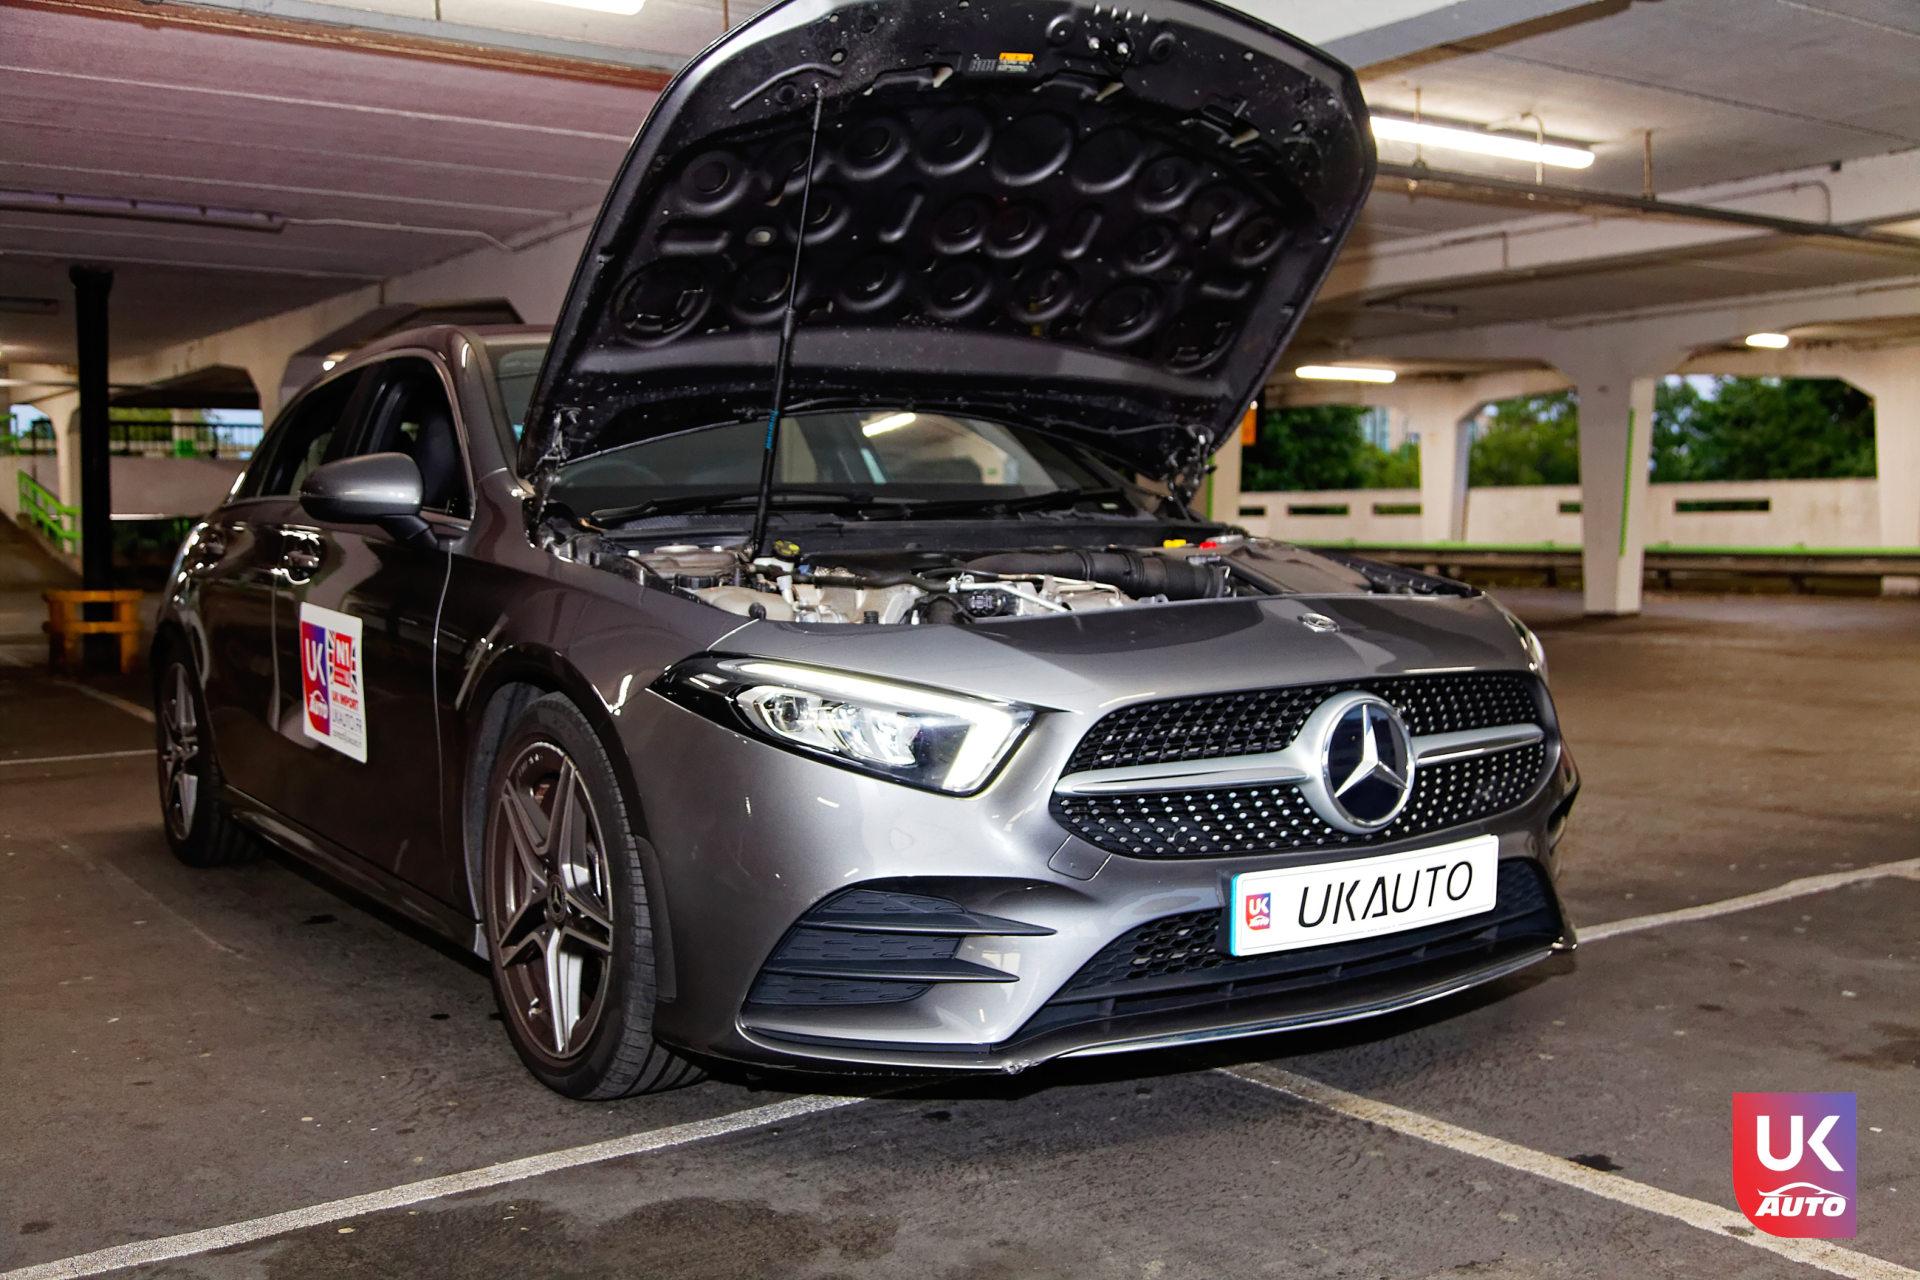 Mercedes uk mercedes angleterre mercedes a220 pack amg uk mercedes class a amg uk11 DxO - ACHAT ANGLETERRE MERCEDES C220 MERCEDES ANGLETERRE IMPORT UKAUTO.FR AUTOTRADER UK